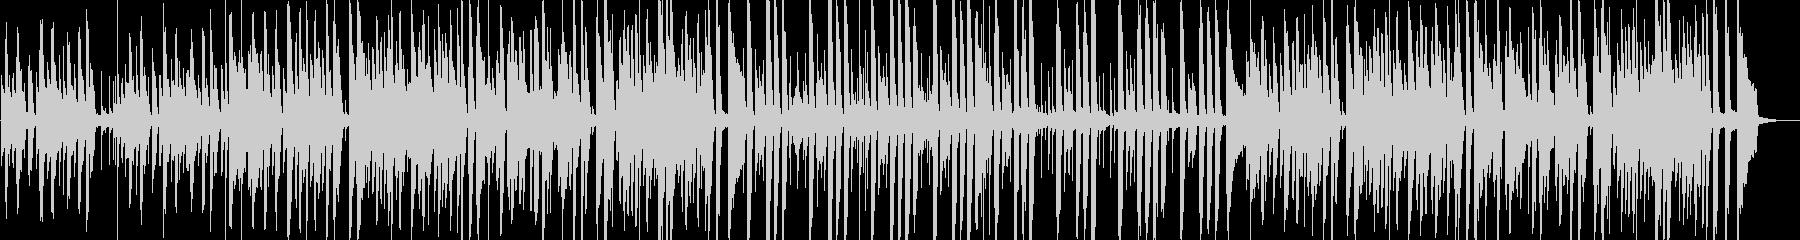 オシャレで複雑なピアノポストロックの未再生の波形